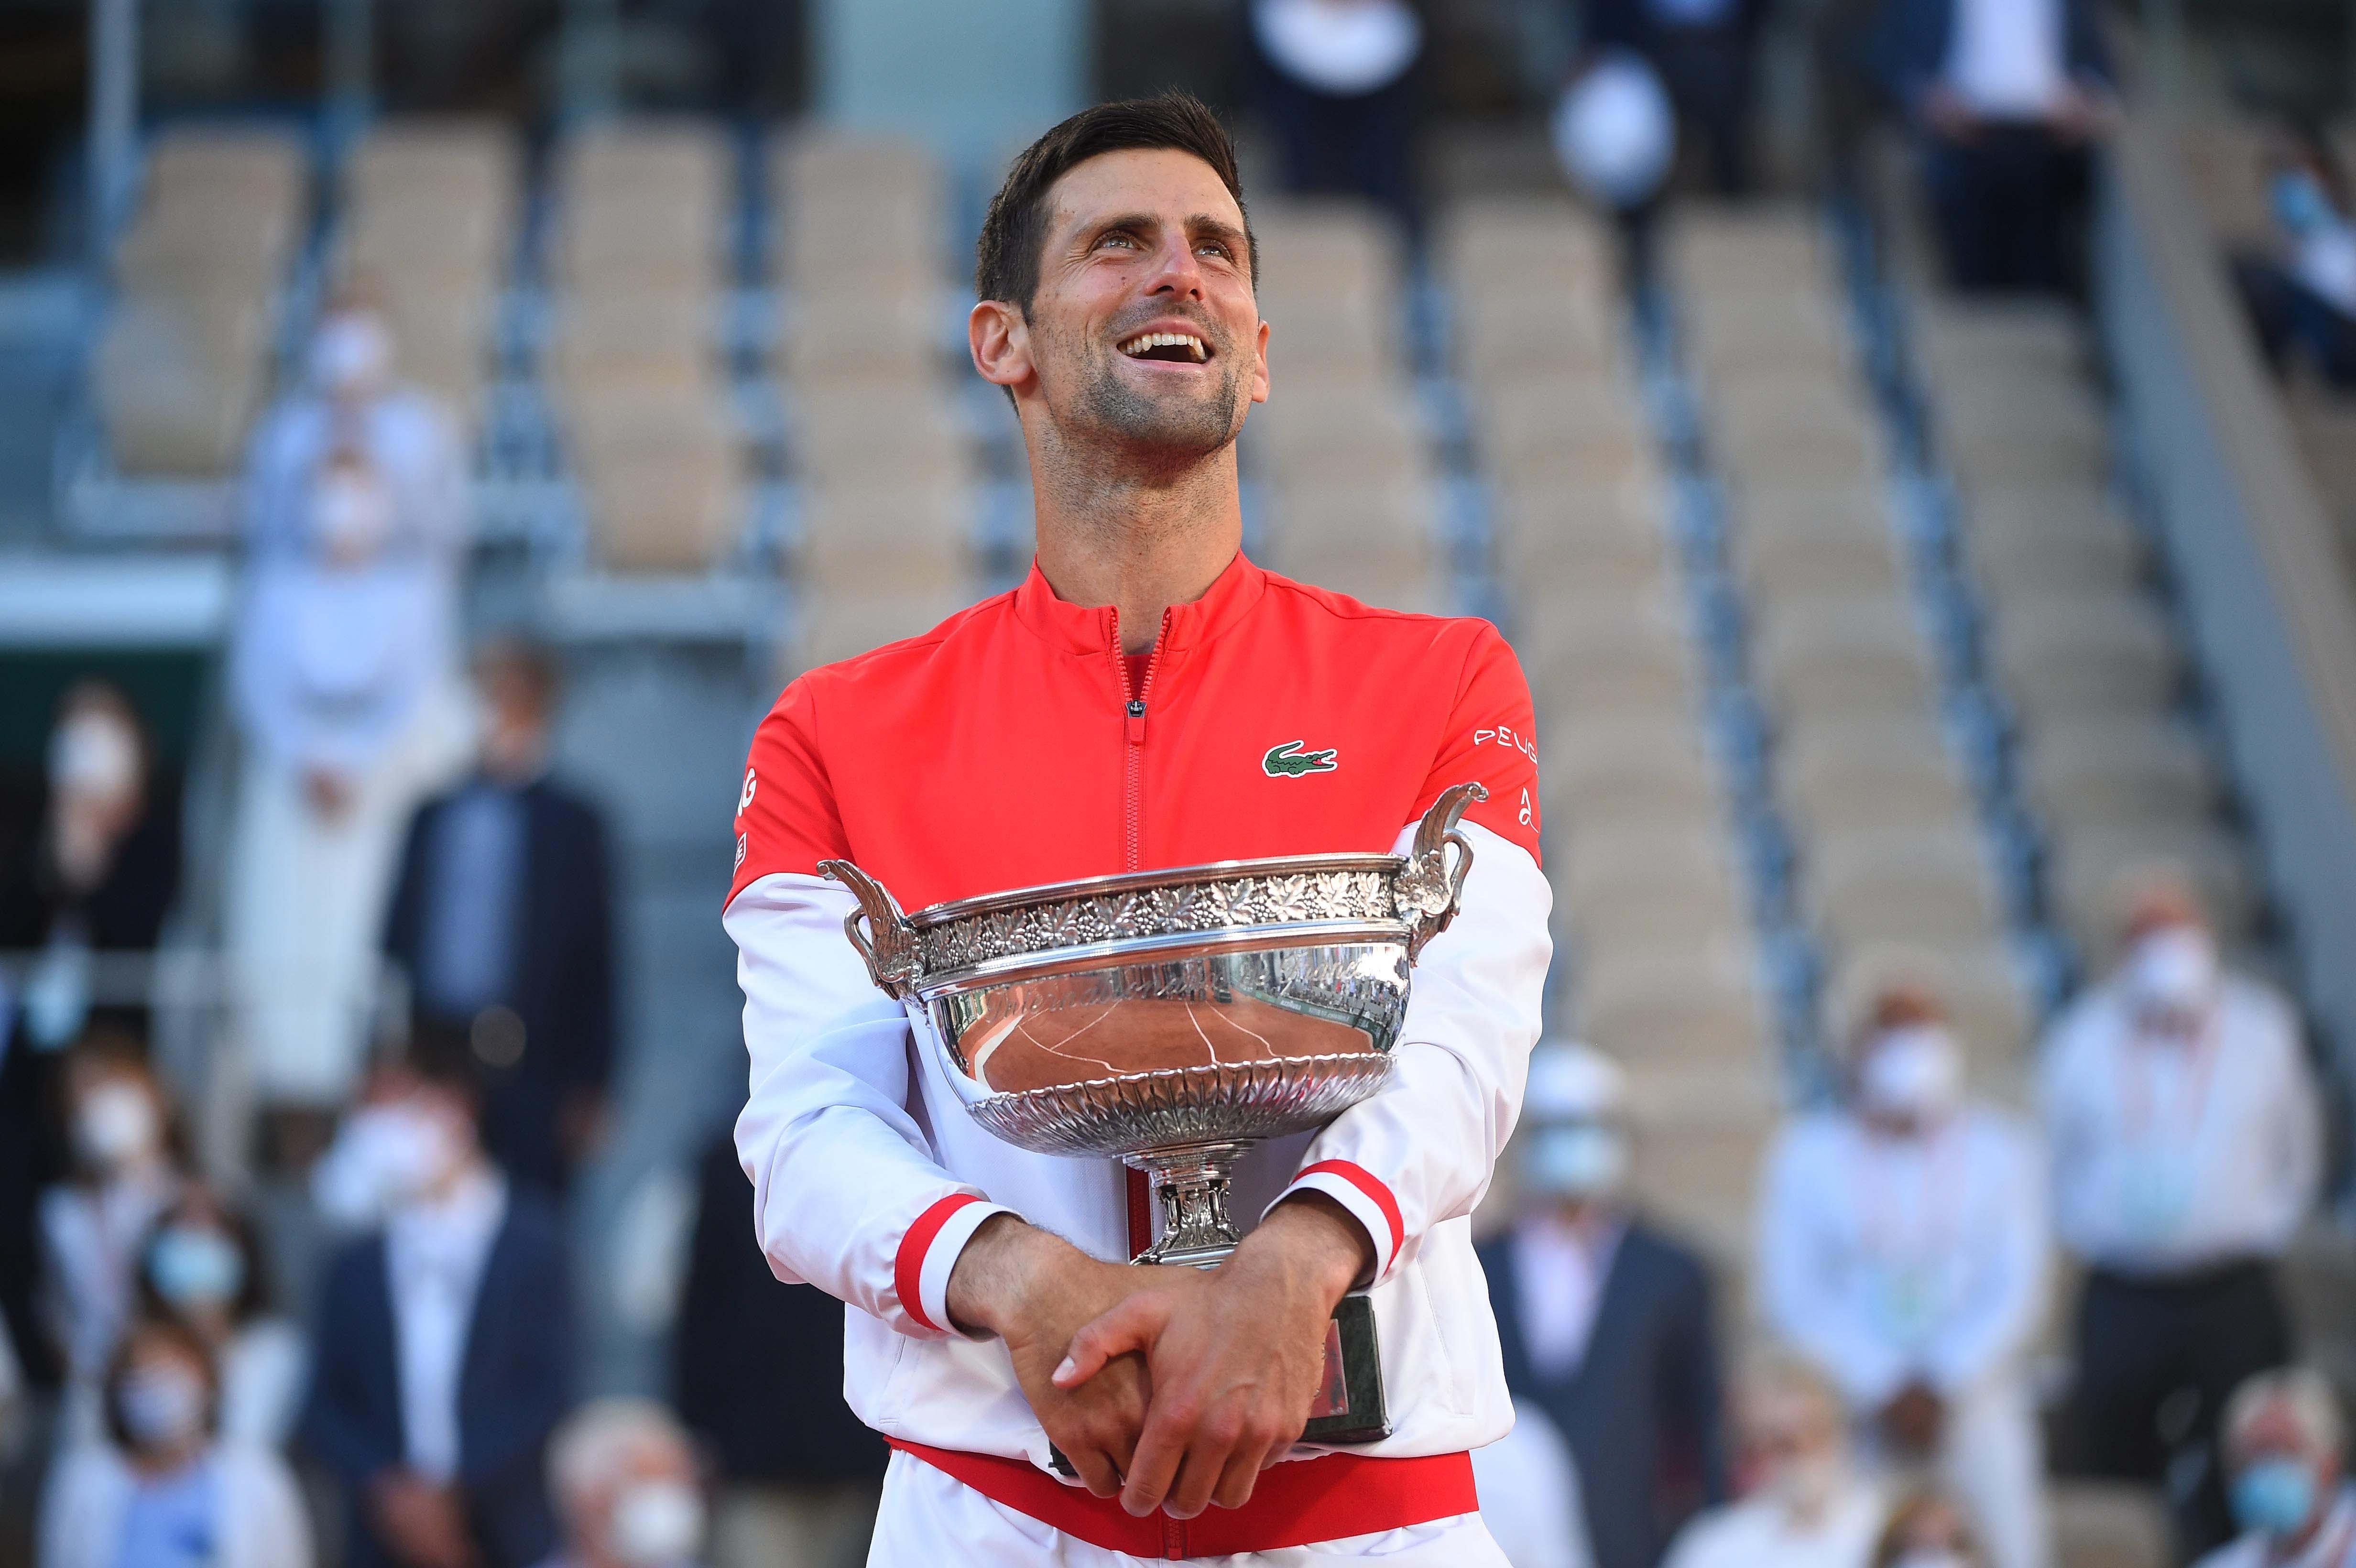 Novak Djokovic Roland-Garros 2021 smile